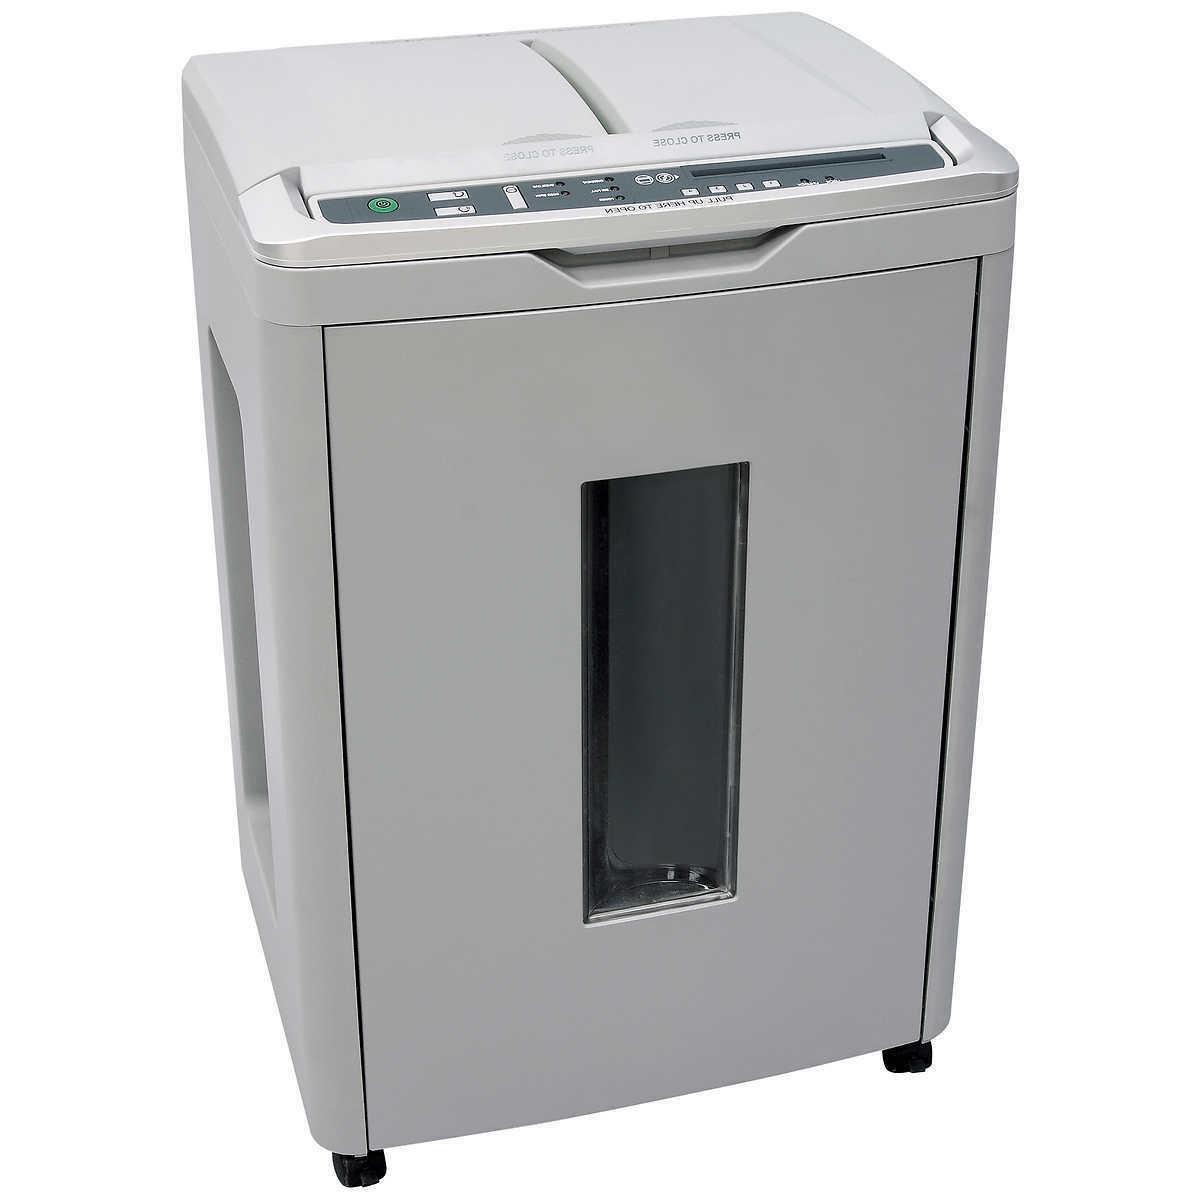 autoshred 250 sheet autofeed microcut shredder